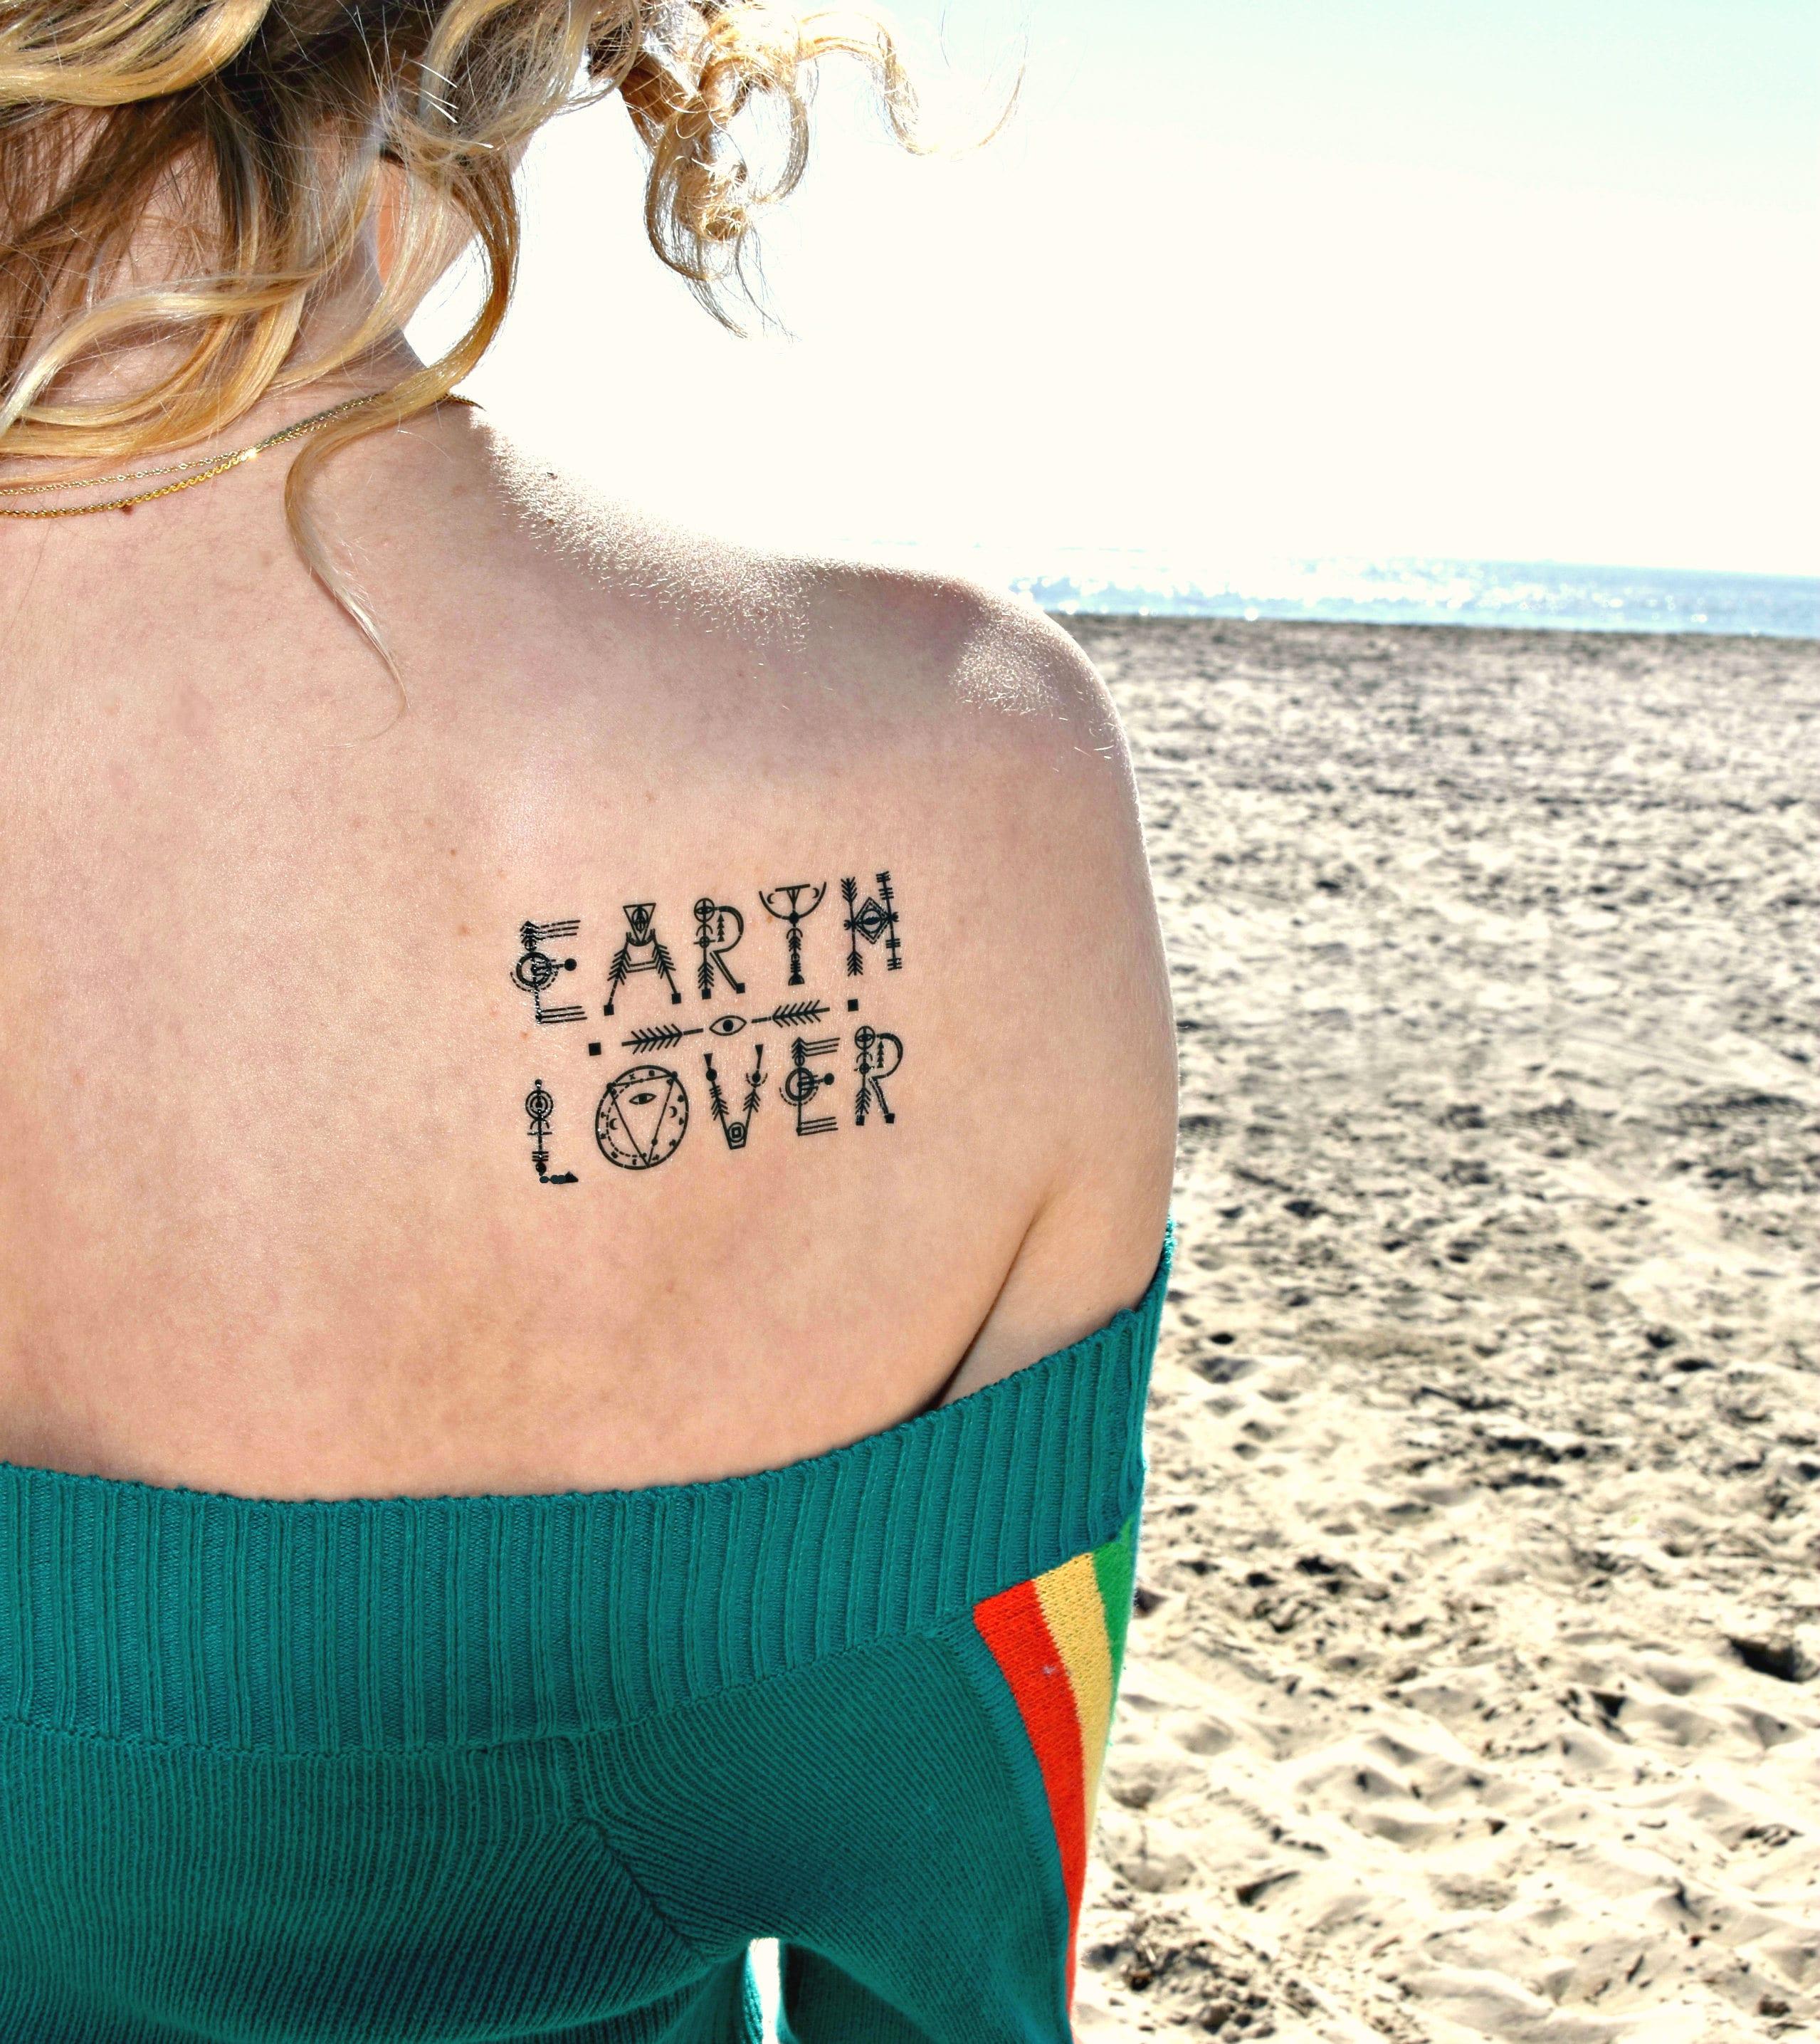 Klima Wandel Erde-Liebhaber-Tattoo Mutter Erde temporäre | Etsy